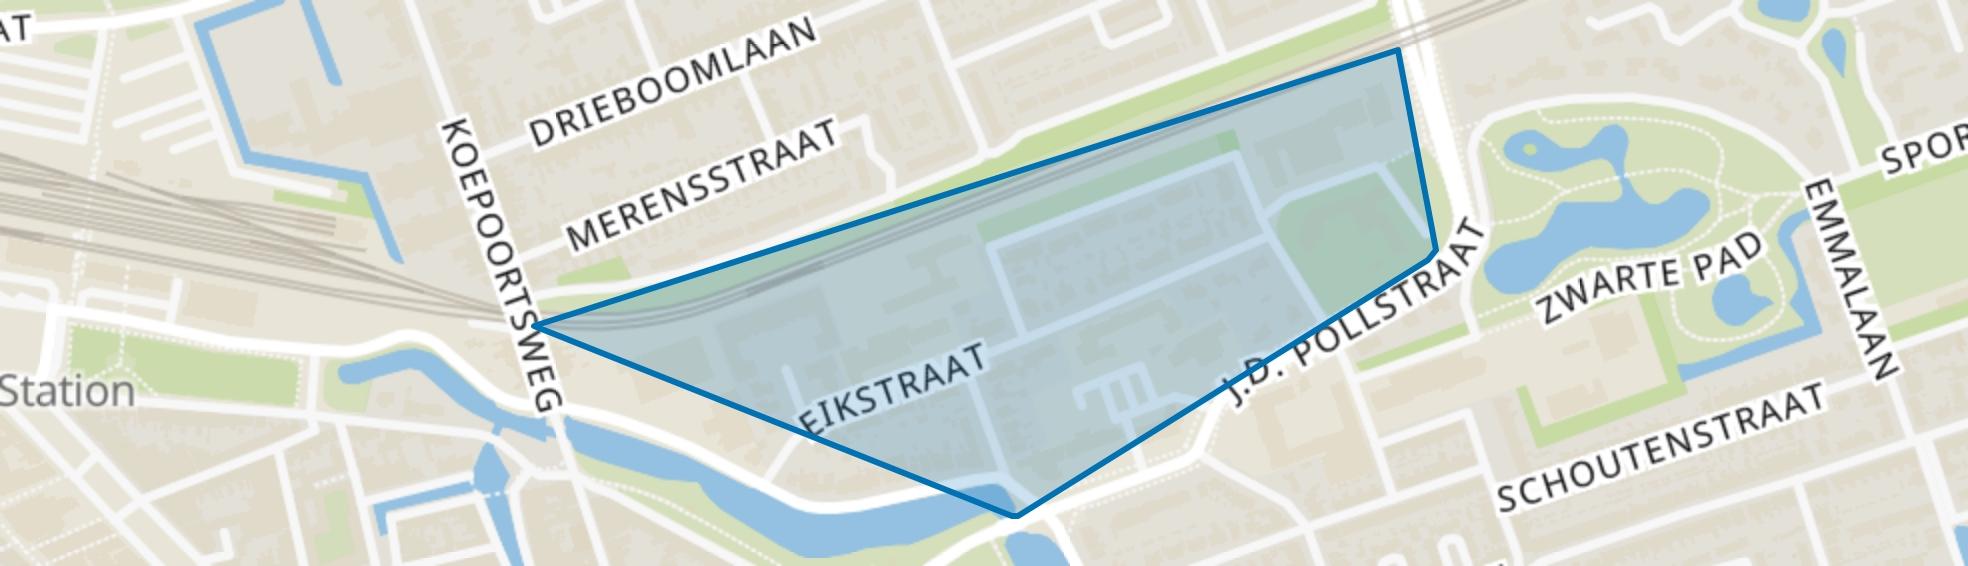 Venelaankwartier - Buurt 11 03, Hoorn (NH) map